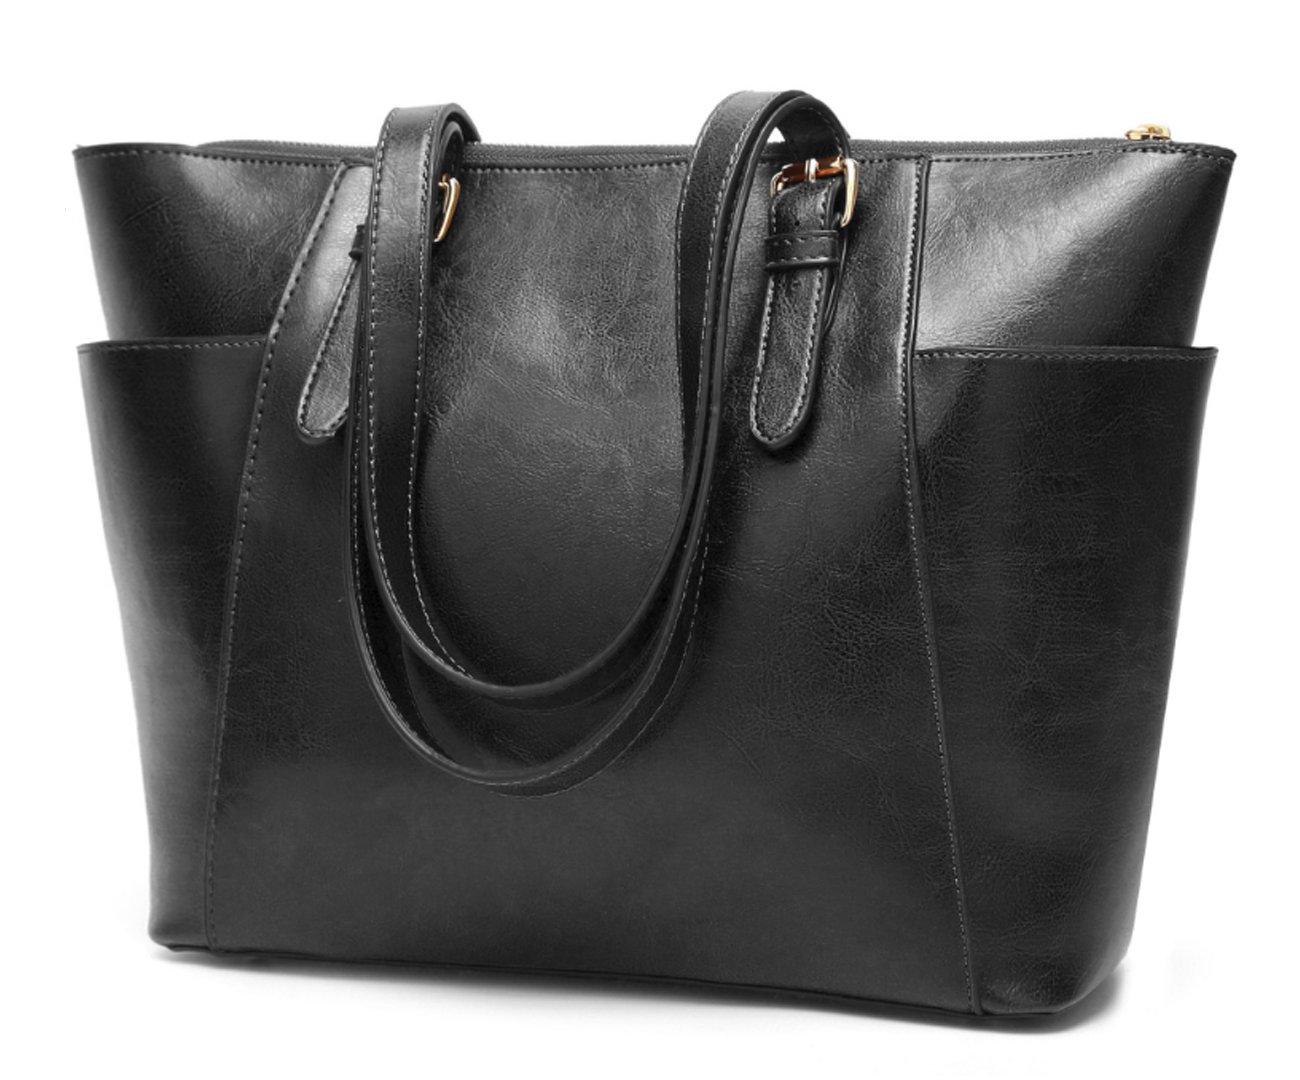 Women's Vintage Fine Fibre Genuine Leather Bag Tote Shoulder Bag Handbag Model Pocket Black by AMAIA DURAN (Image #1)